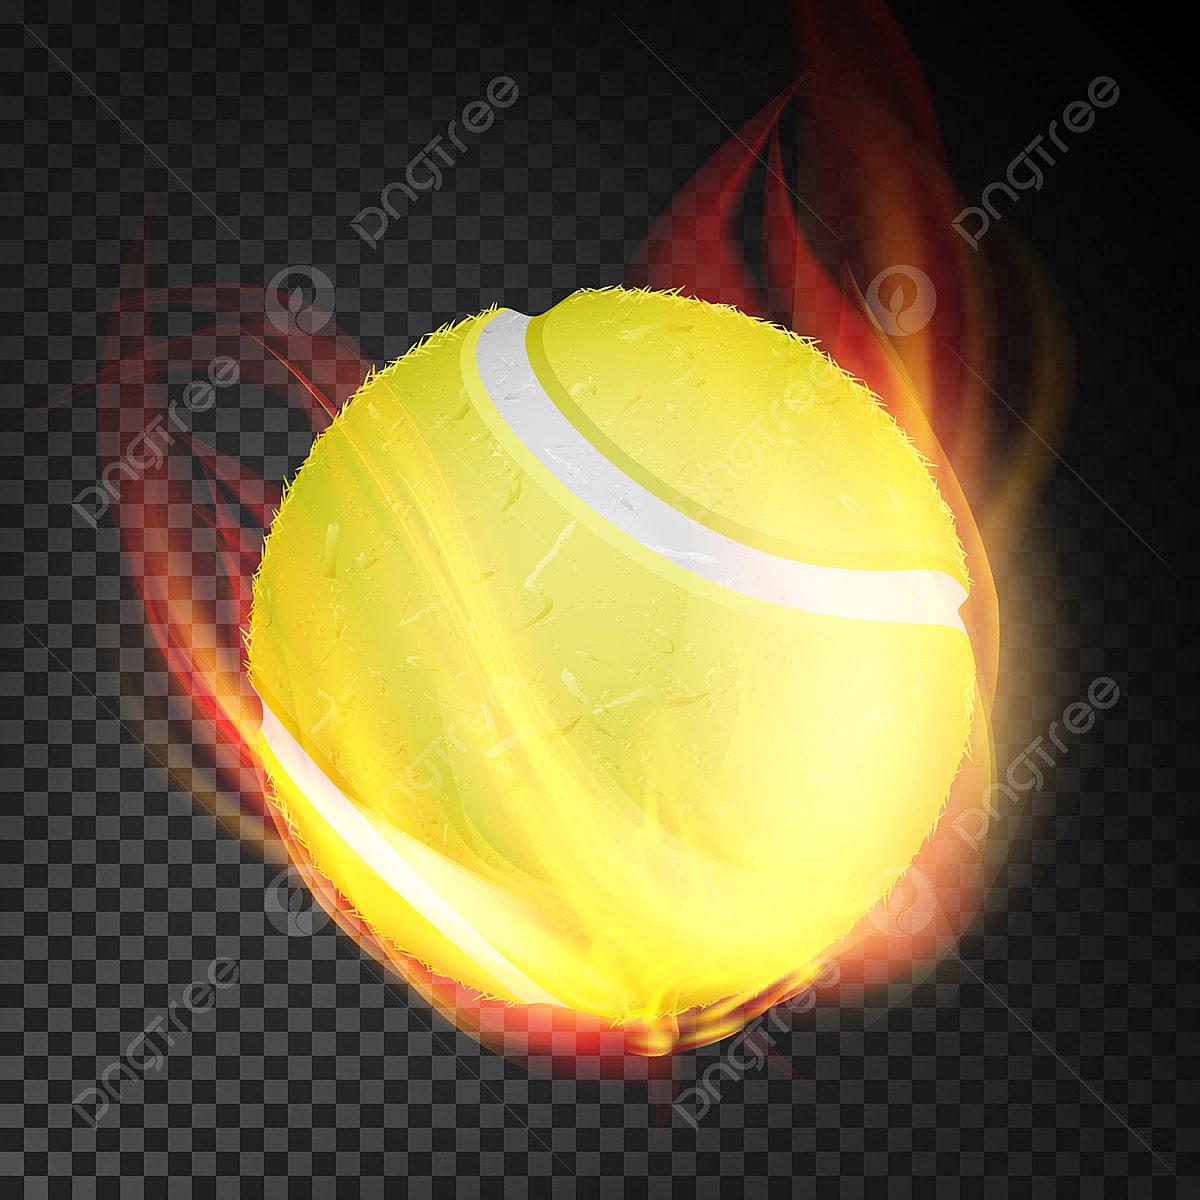 Отзыв о Футбольный мяч Adidas Brazuca | Отличный мяч, благодаря ... | 1200x1200